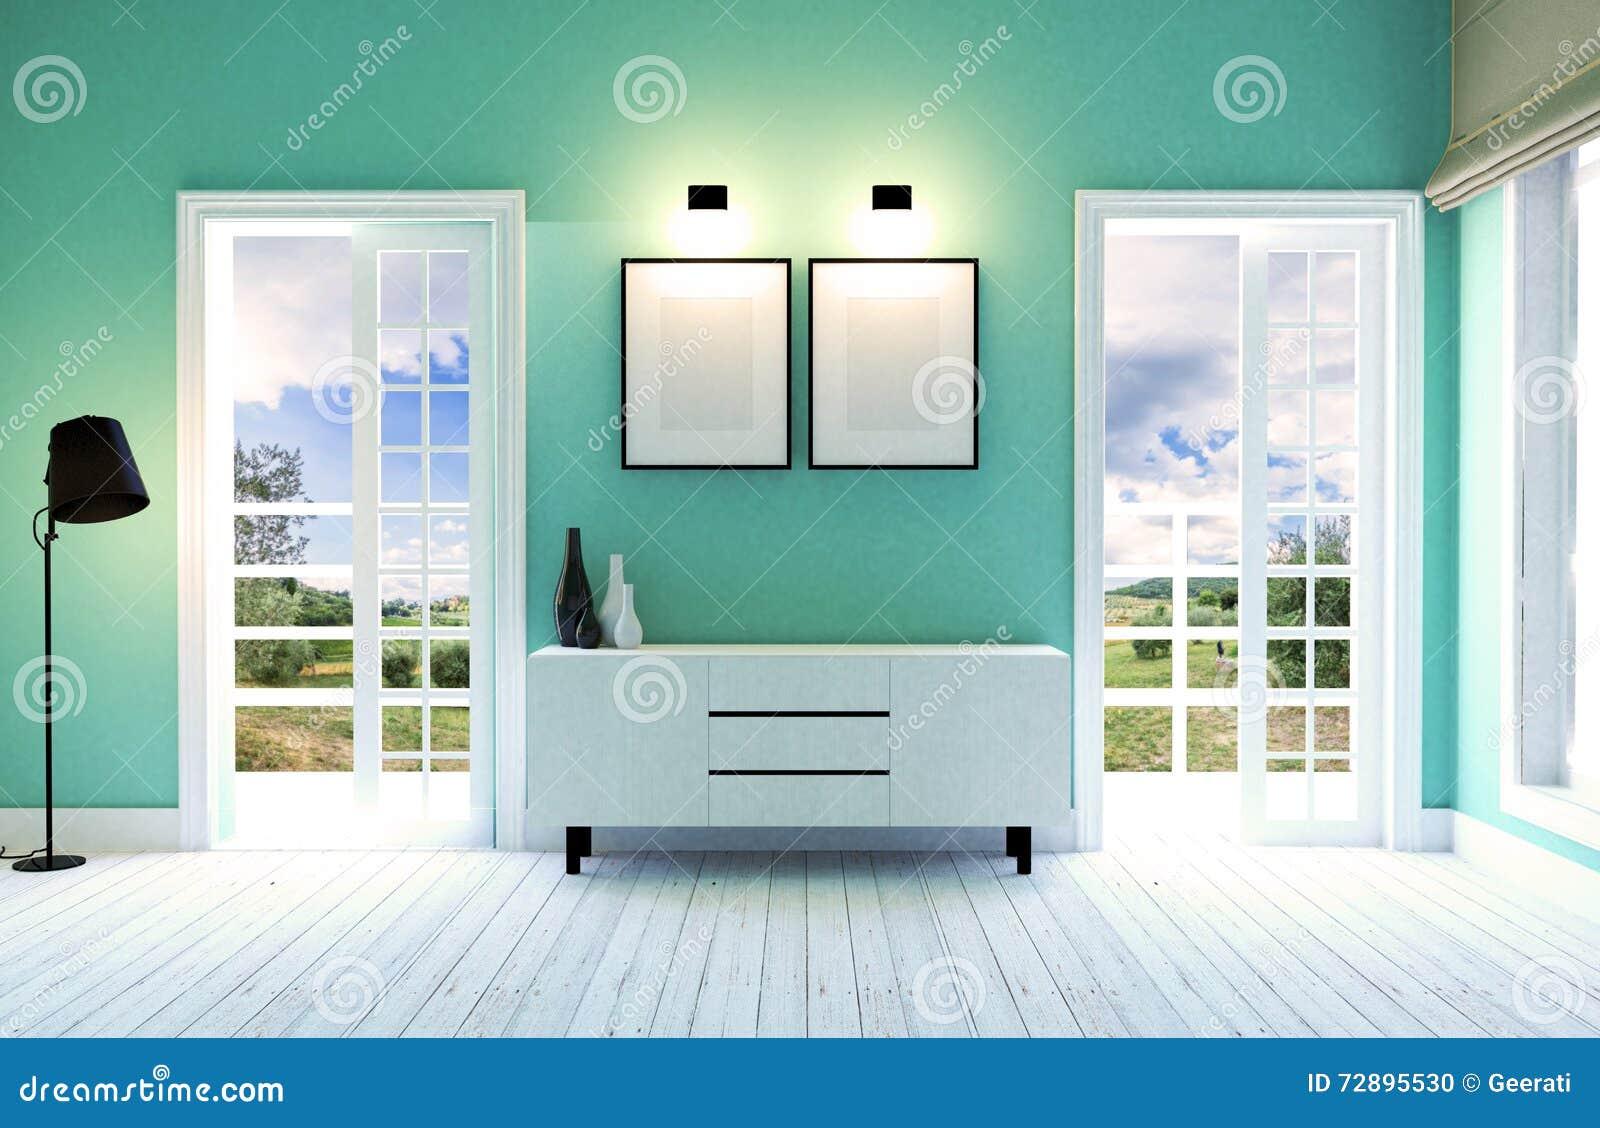 Moderner Und Zeitgenössischer Wohnzimmerinnenraum Mit Grüner Wand ...